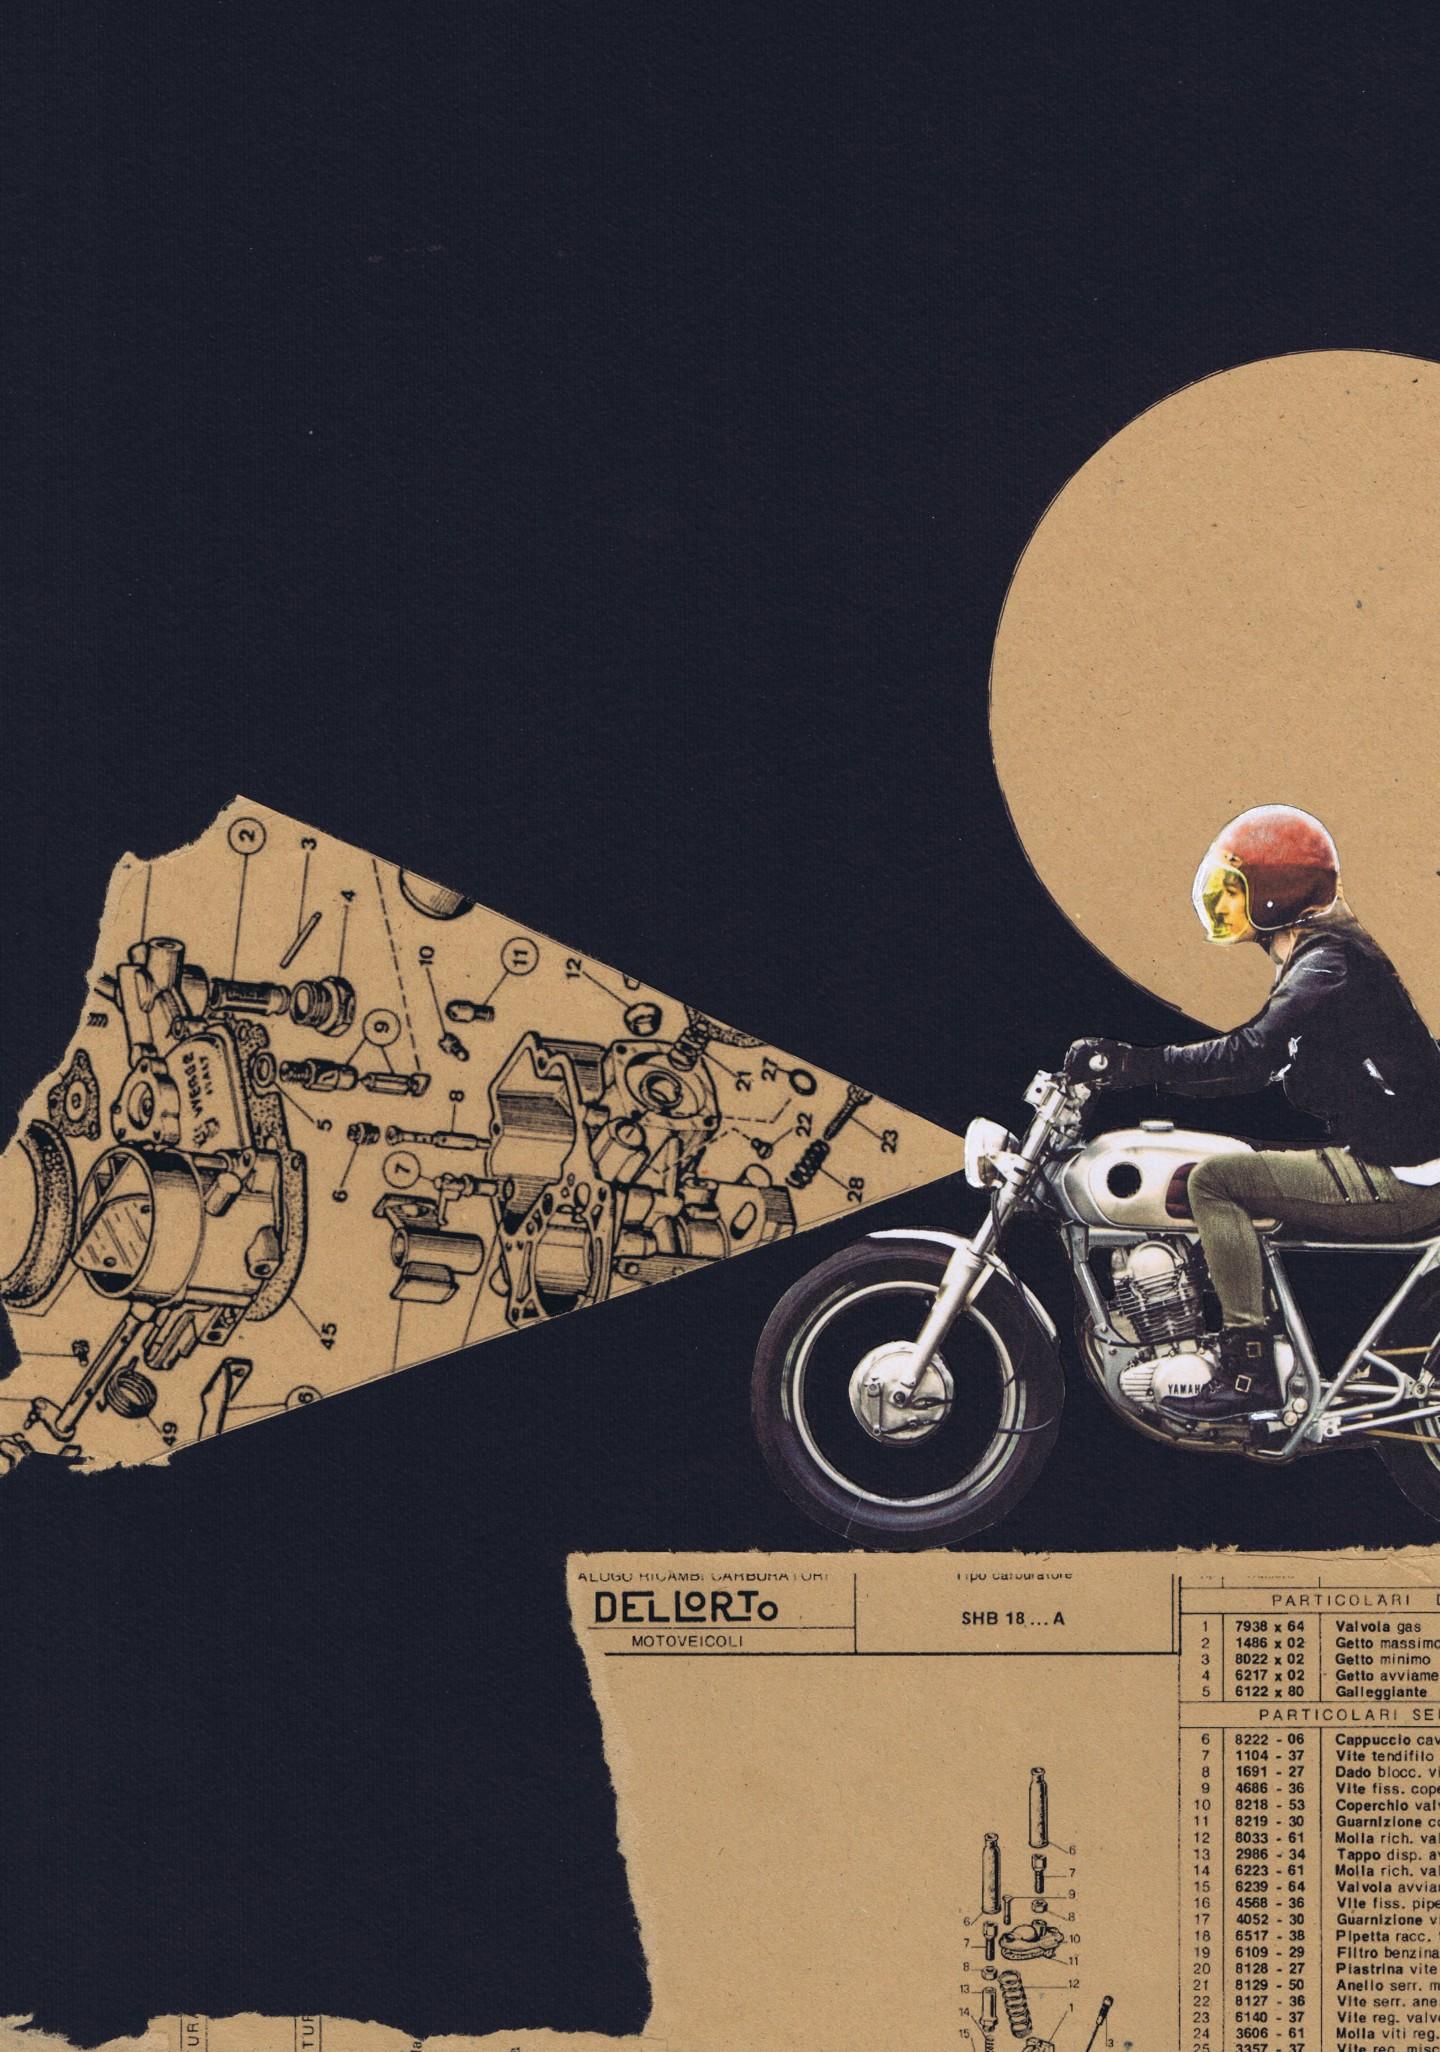 Schascia - mechanica memoria